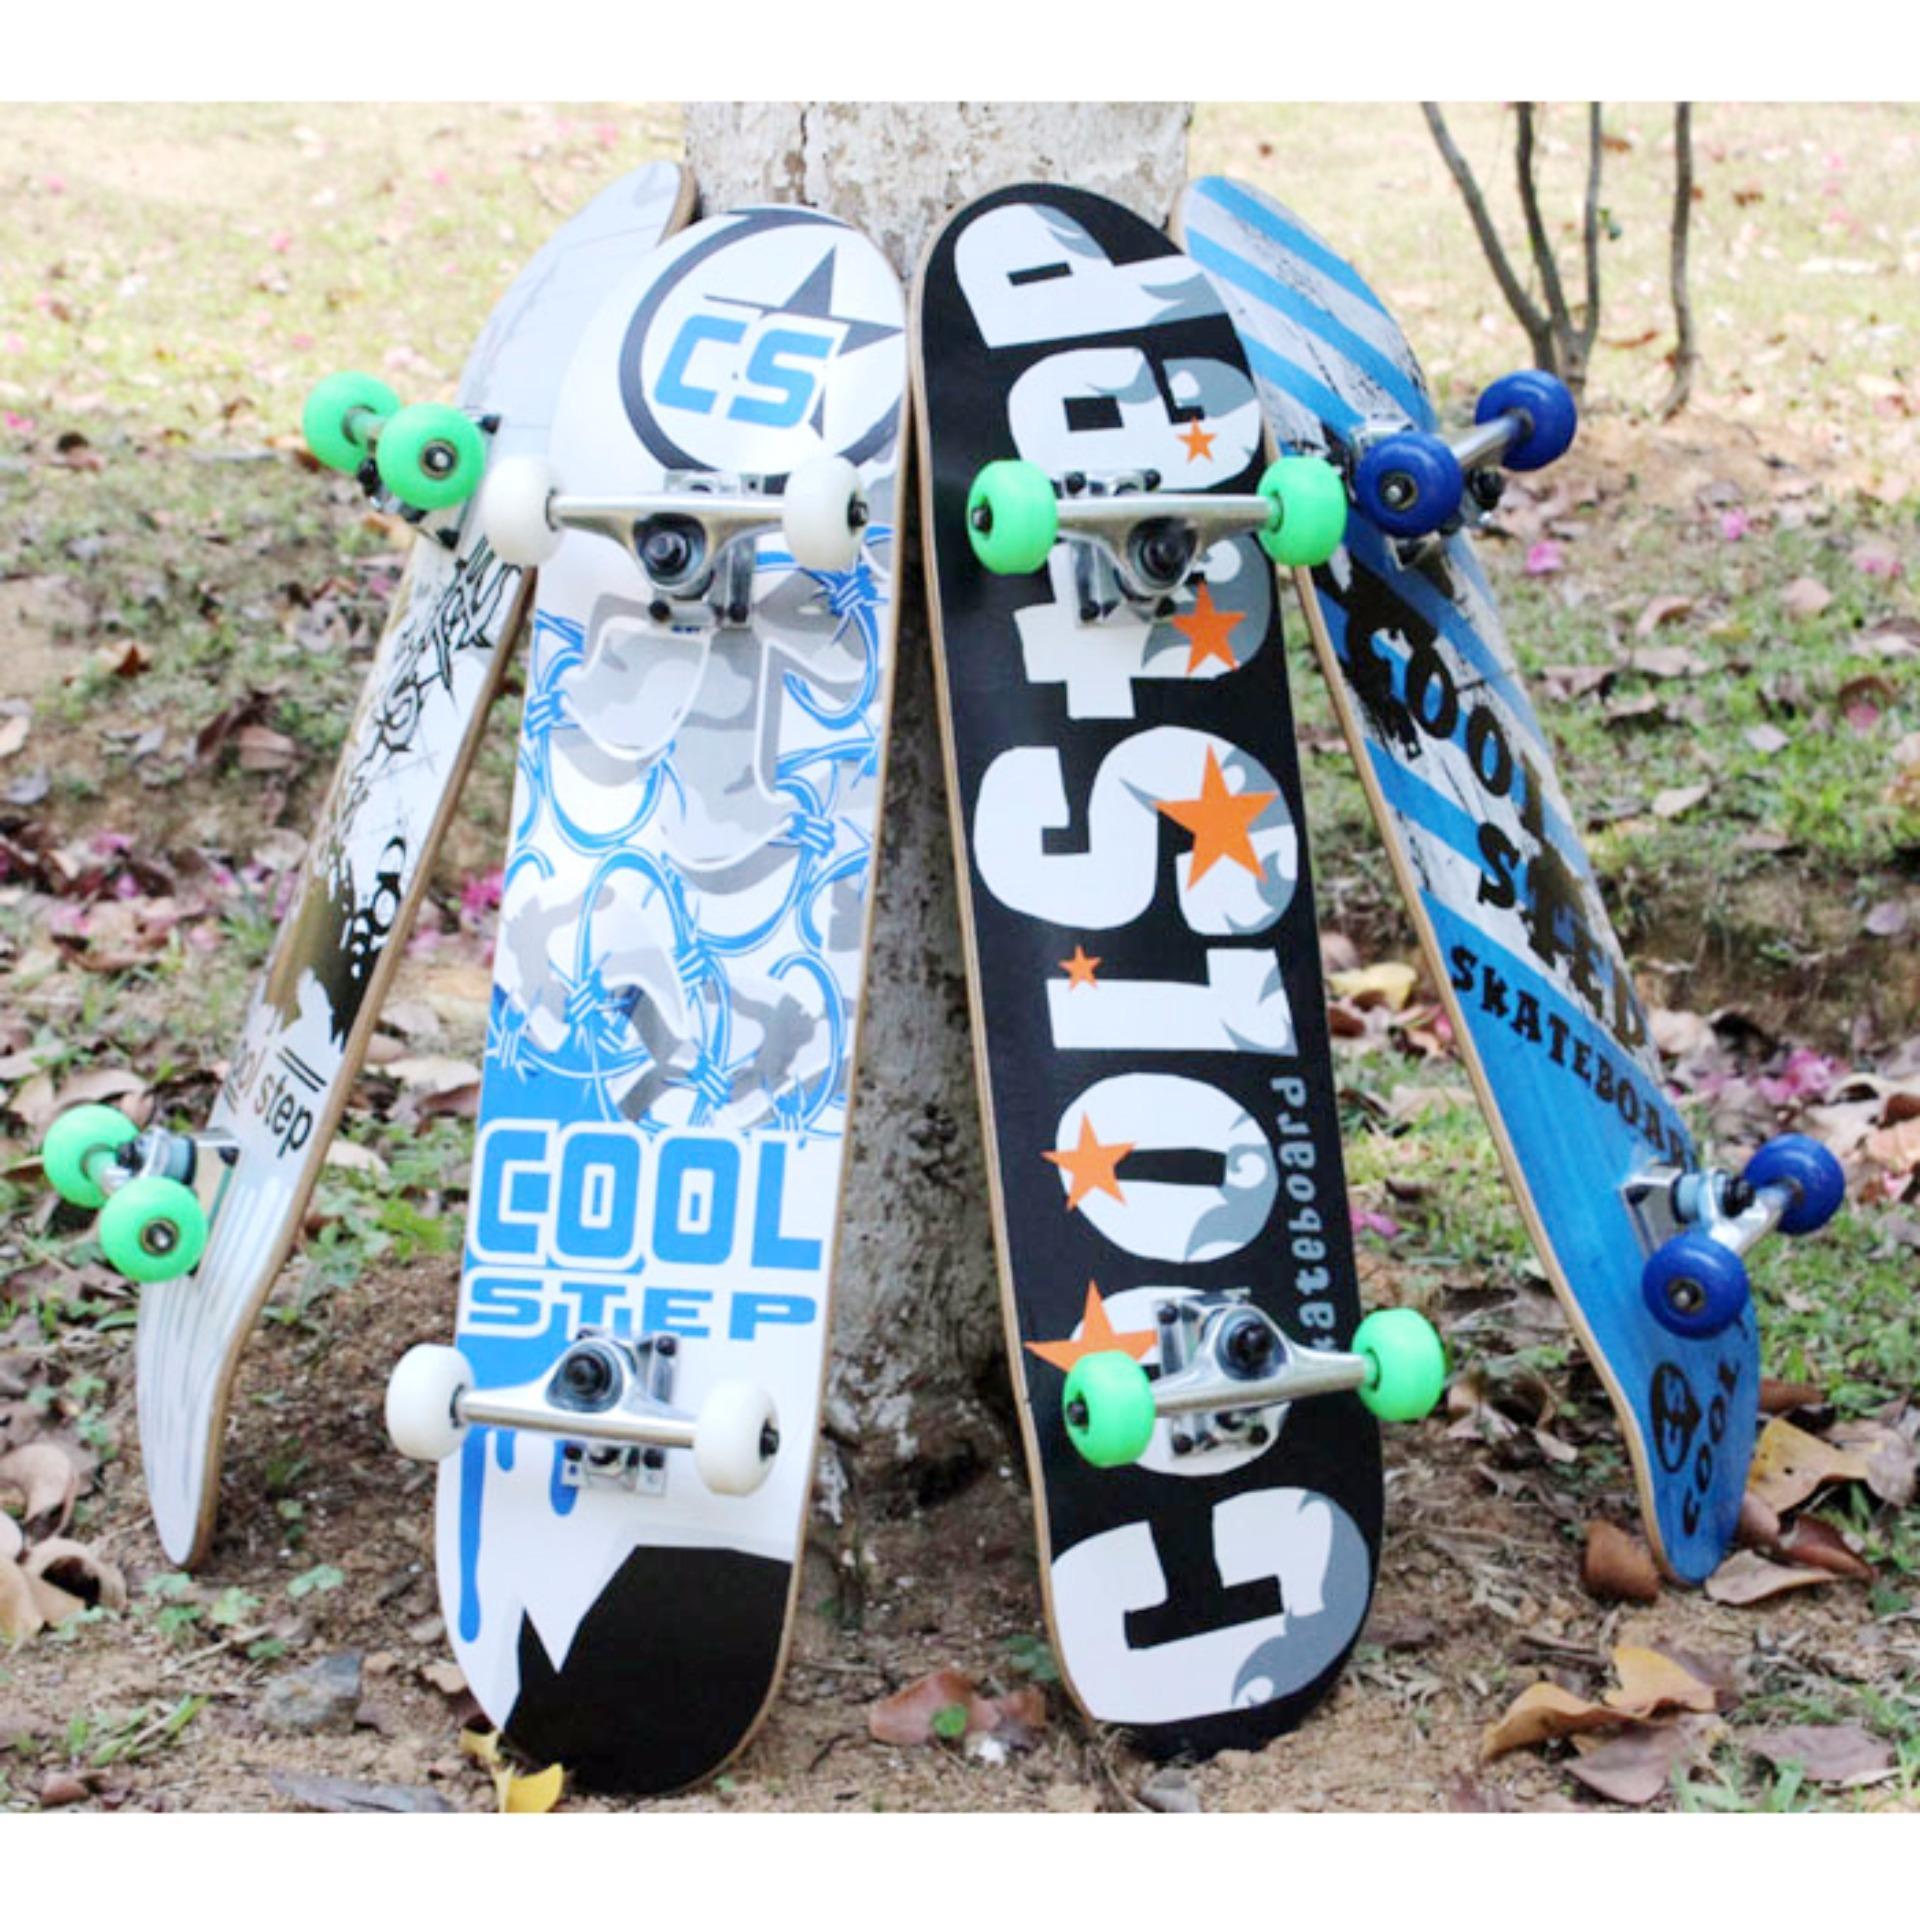 Mua Các Loại Ván Trượt -Cách Chơi Ván Trượt -Cách Chọn Ván Trượt Cho Người Mới Chơi -Ván trượt skateboard thể thao chất liệu gỗ phong ép cao cấp 8 Lớp